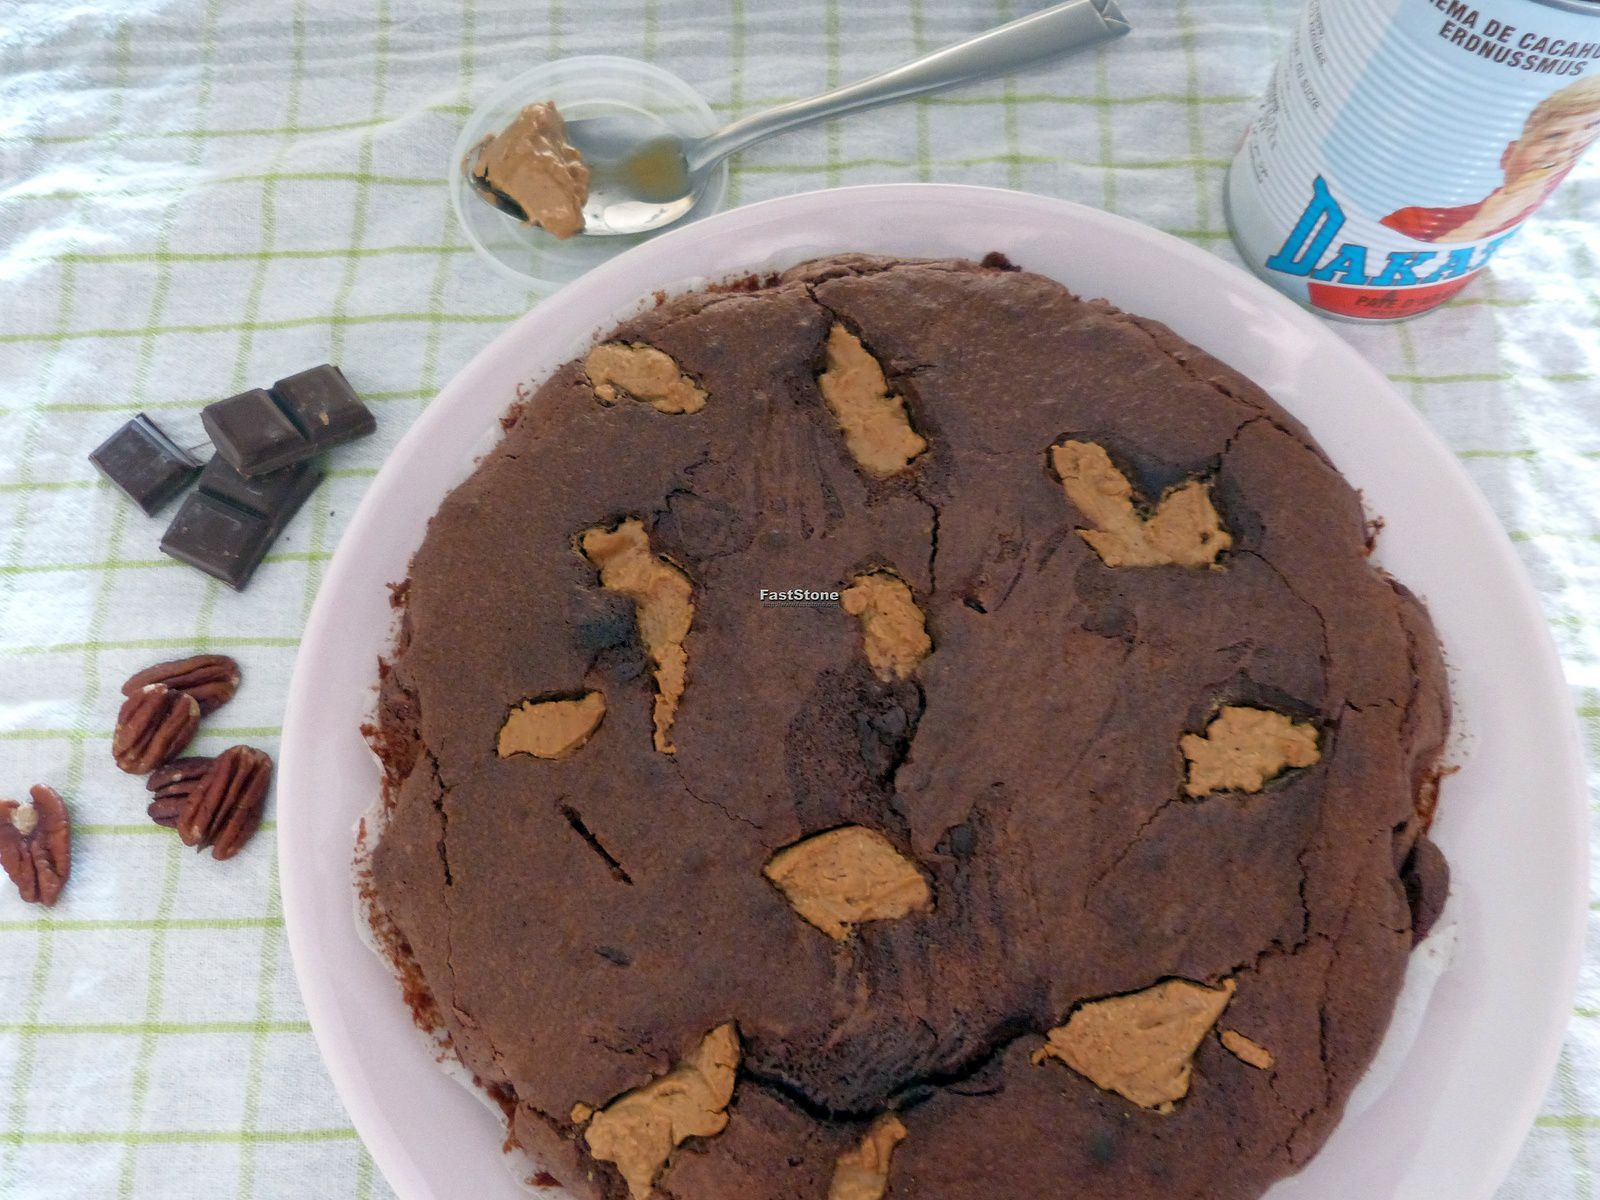 Brownie à la Pralinoise, Beurre de Cacahuète et aux Noix de Pécan - Les Voyages de Gridelle